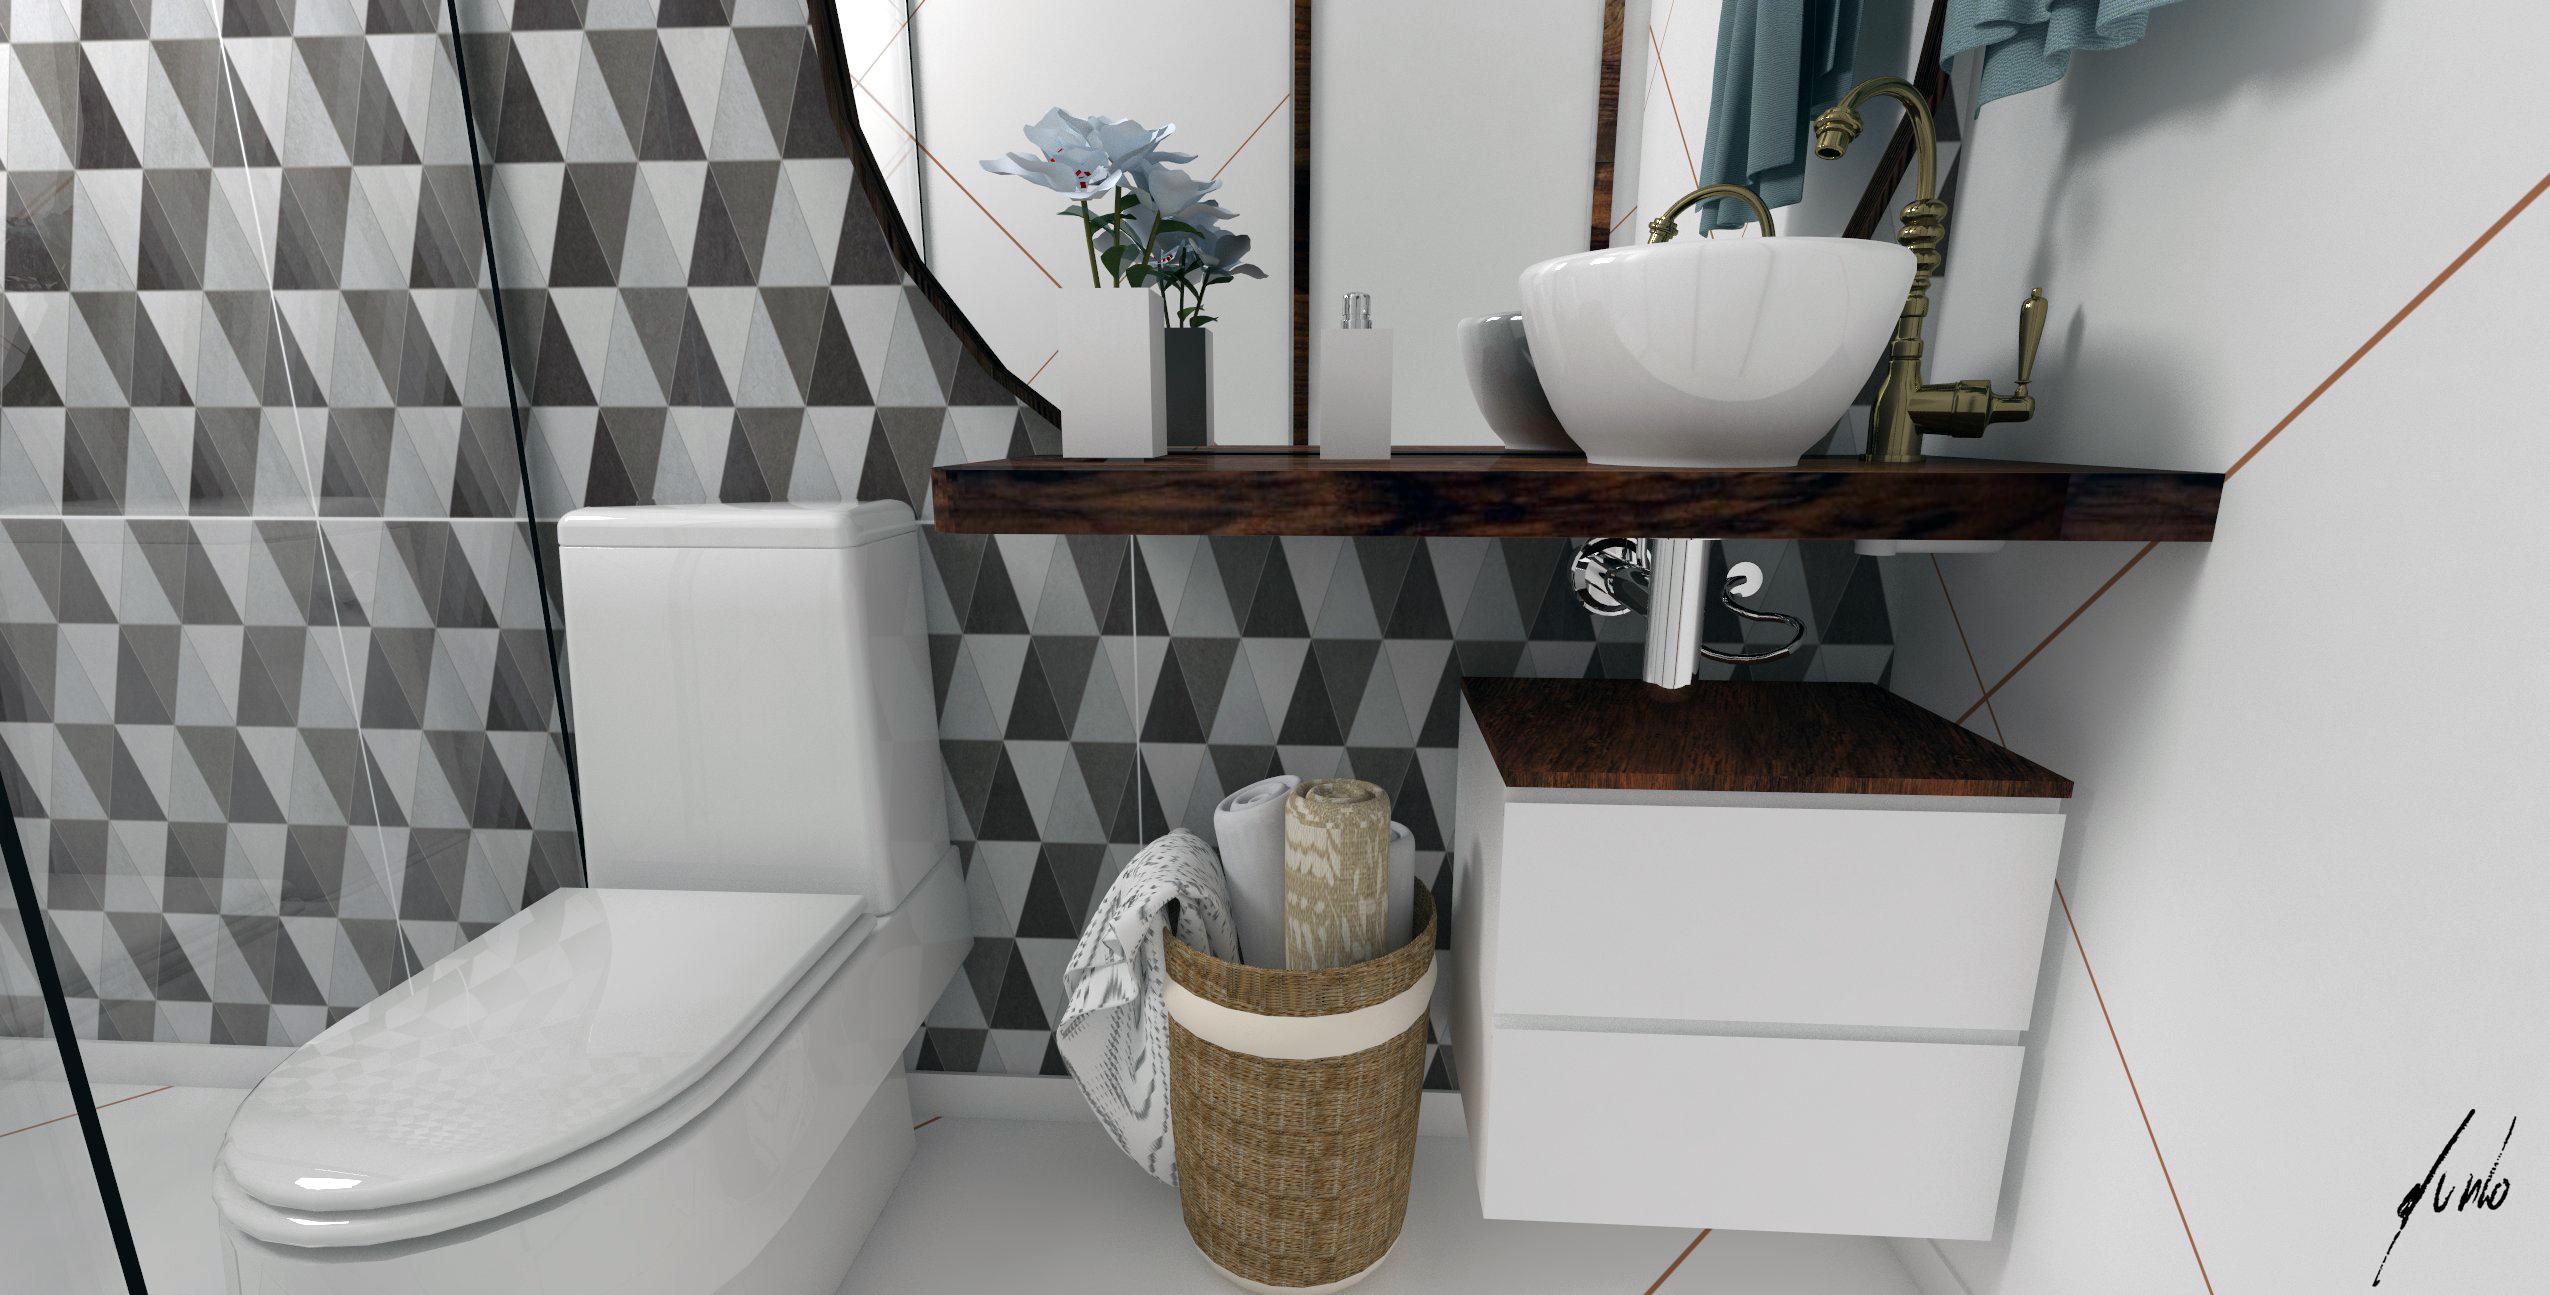 PORTFÓLIO – Murilo Zadulski – Design e decoração de interiores em Curitiba Pr -> Decoracao De Banheiro Provencal